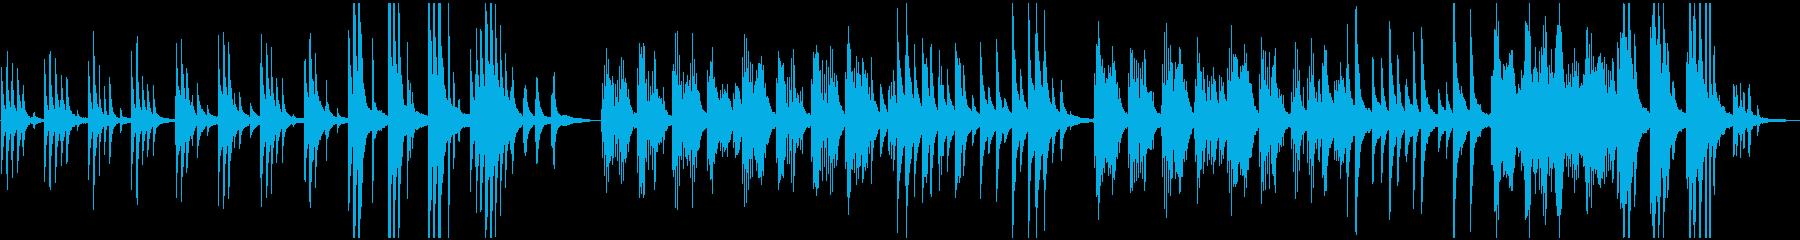 ピアノソロ:サビ1分41秒:癒し、光の再生済みの波形